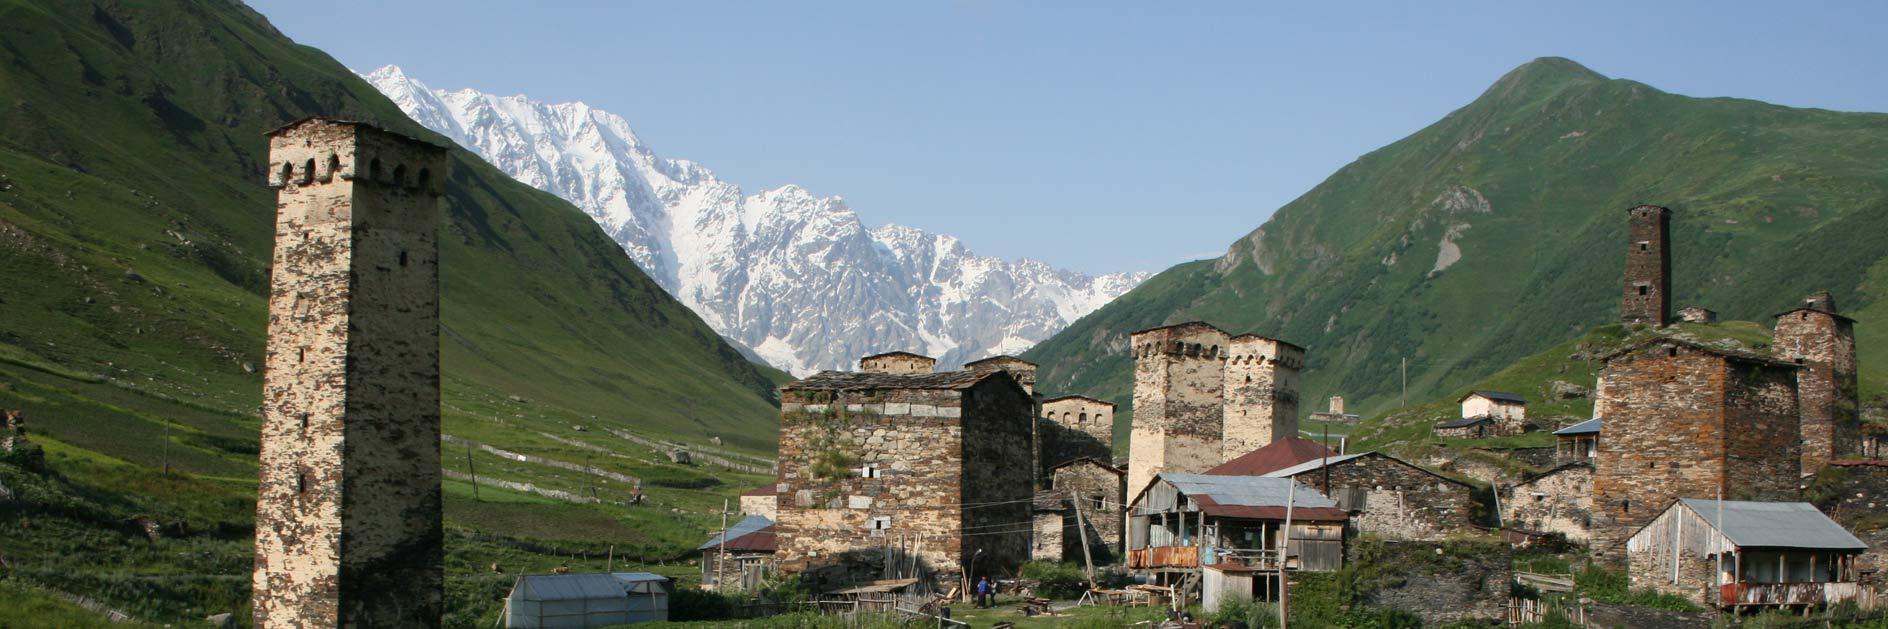 Georgien Wanderreise - Swanetien & kleiner Kaukasus